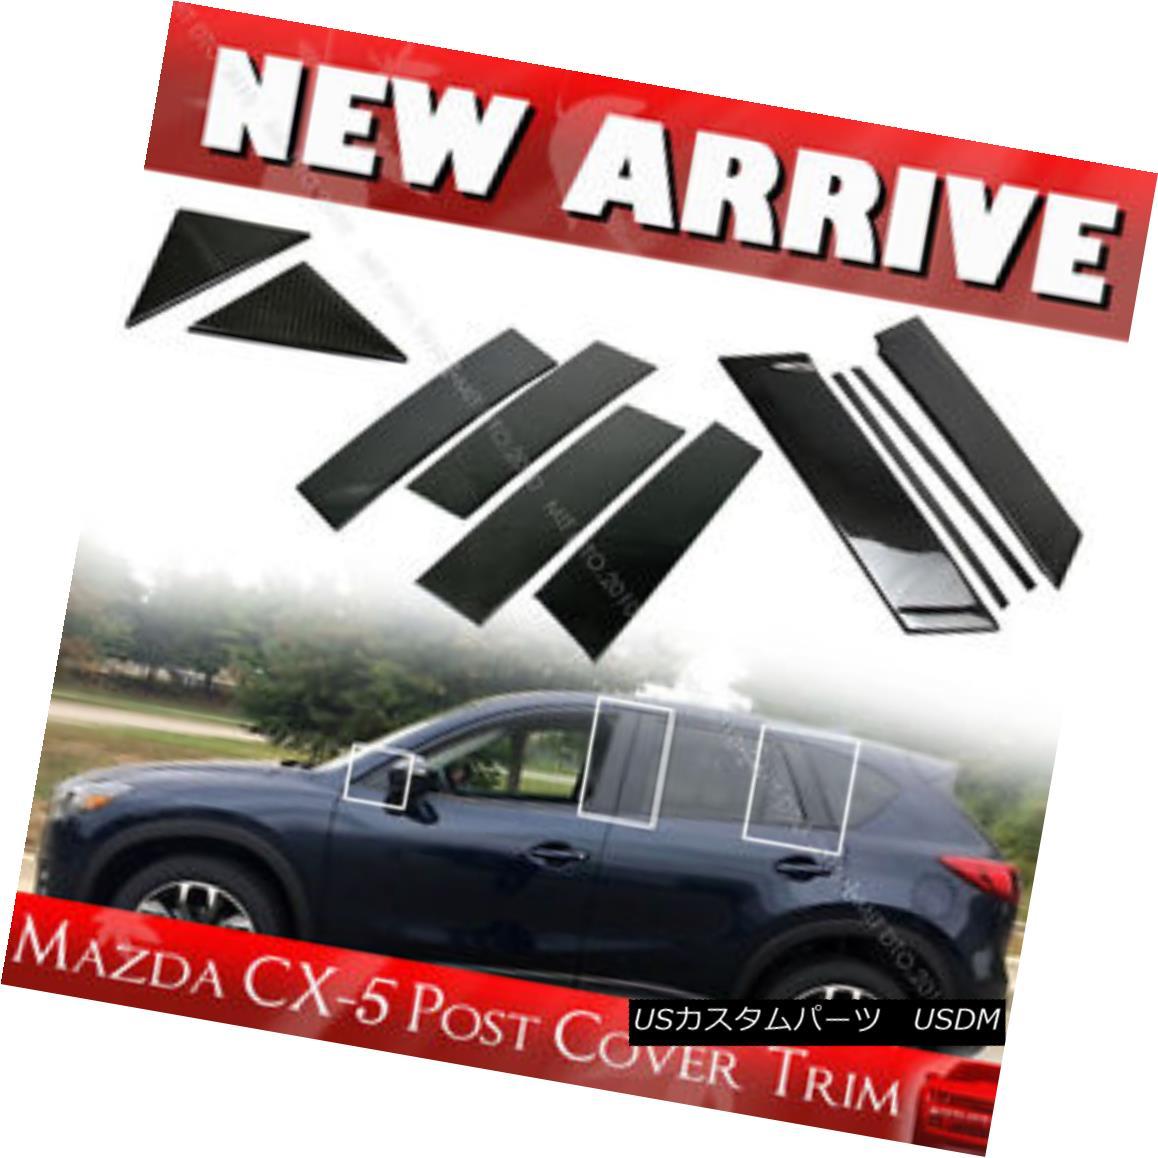 エアロパーツ Carbon For Mazda CX-5 Hatchback Side Pillar Post Cover Trim 13 14 15 16 カーボンマツダCX-5ハッチバックサイドピラーポストカバートリム13 14 15 16